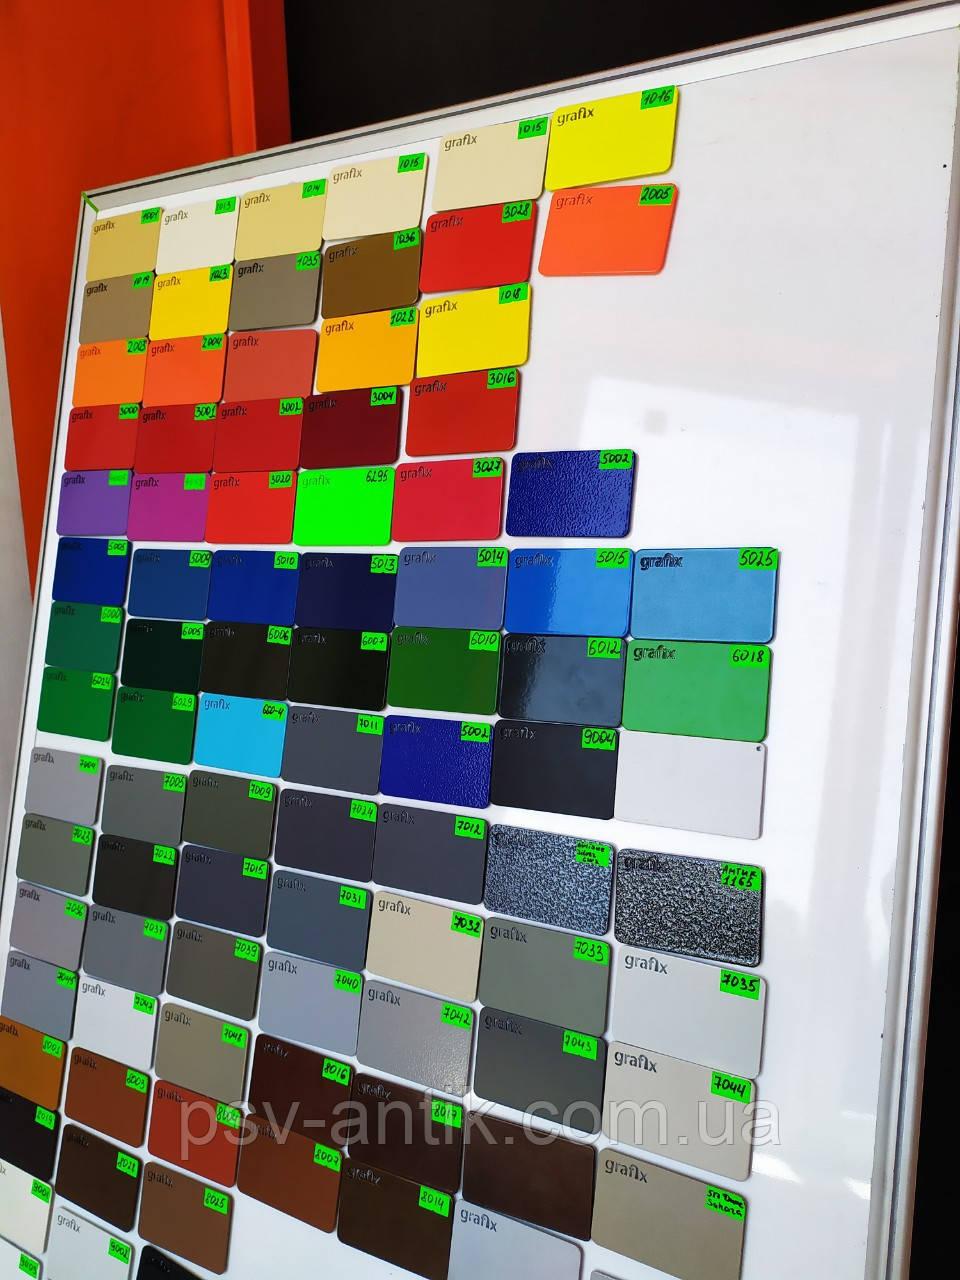 Порошковая краска структурная, полиэфирная, архитектурная, 9005